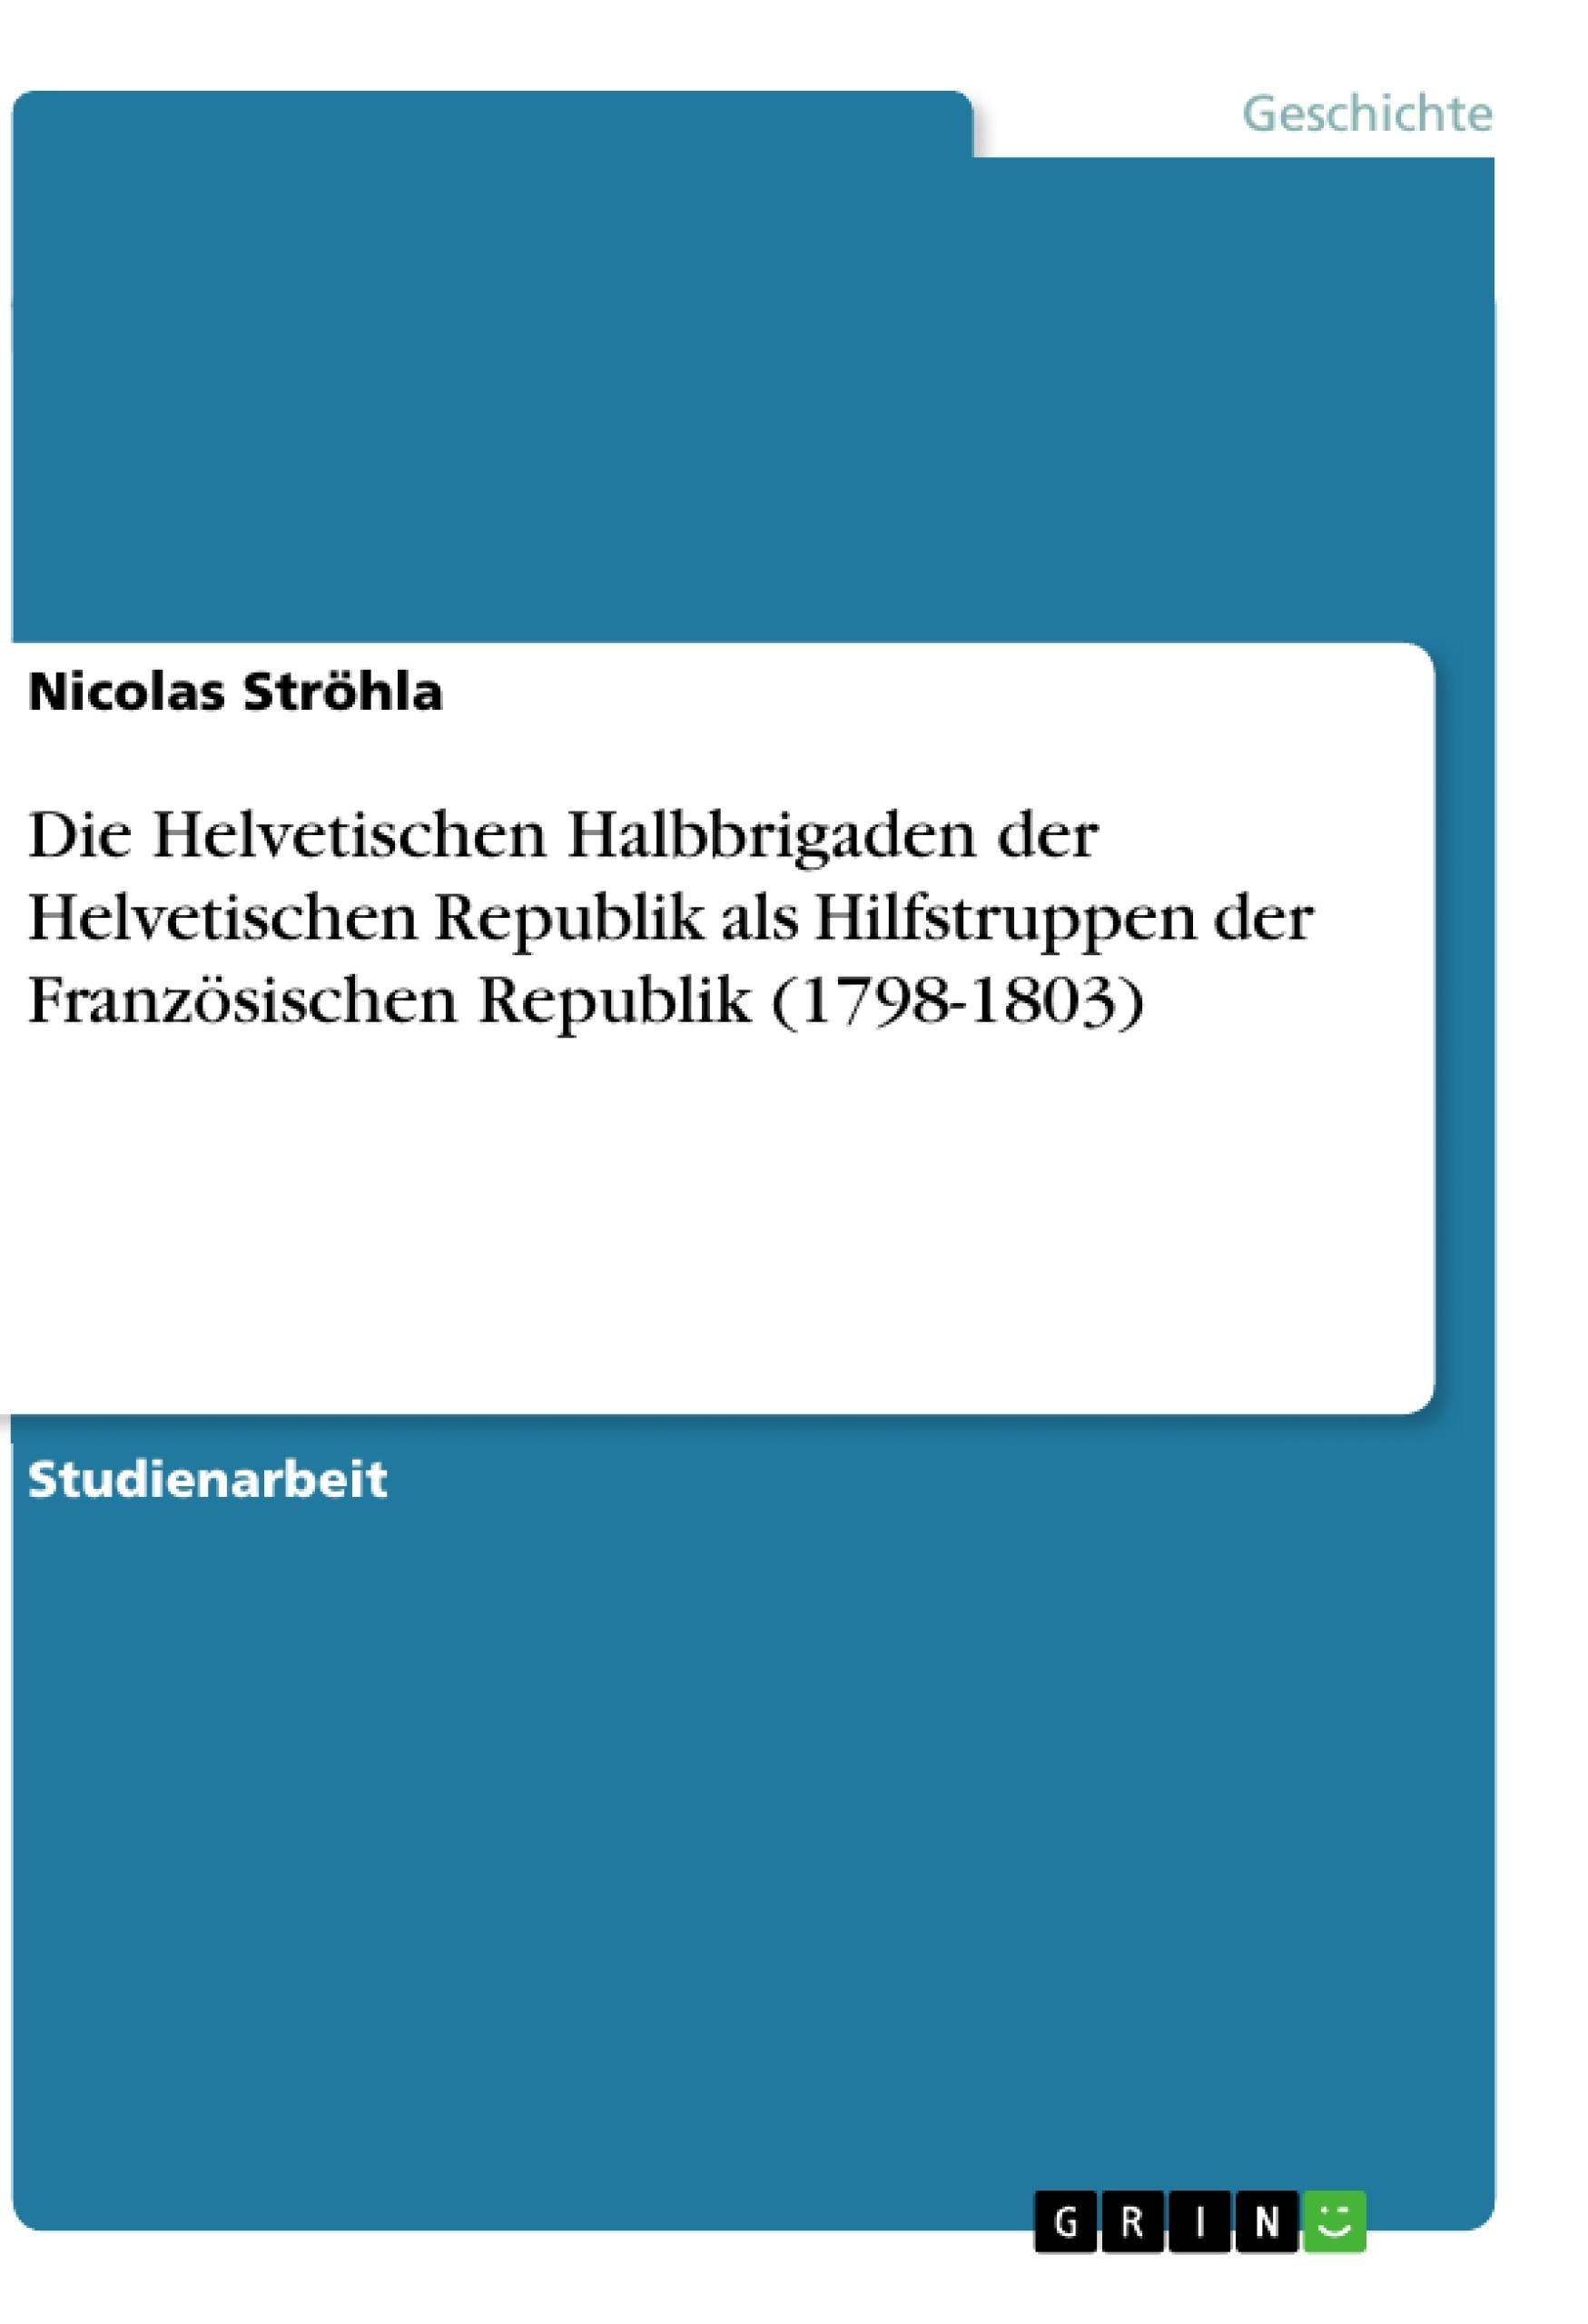 Titel: Die Helvetischen Halbbrigaden der Helvetischen Republik als Hilfstruppen der Französischen Republik (1798-1803)